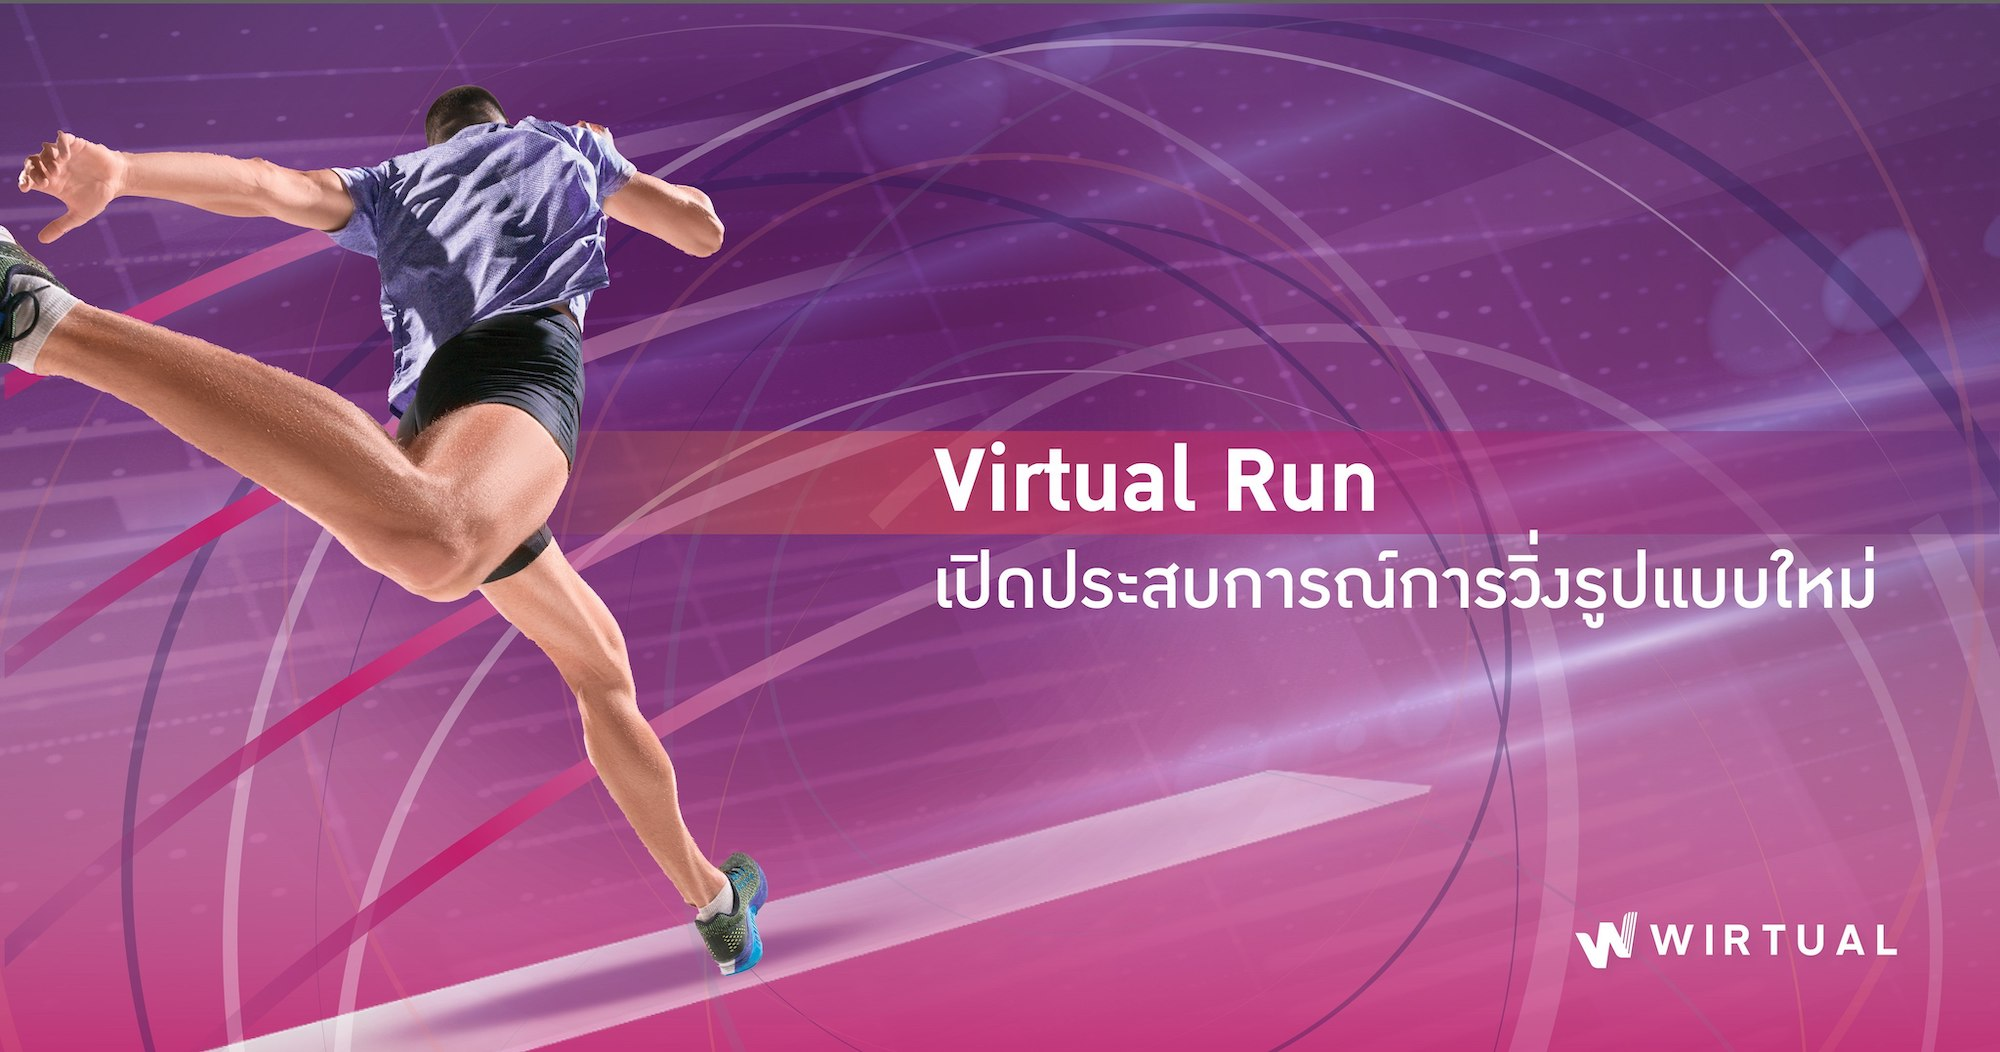 ทำไม Virtual Run ถึงเป็นตัวเลือกที่จะเปิดประสบการณ์การวิ่งในรูปแบบใหม่?